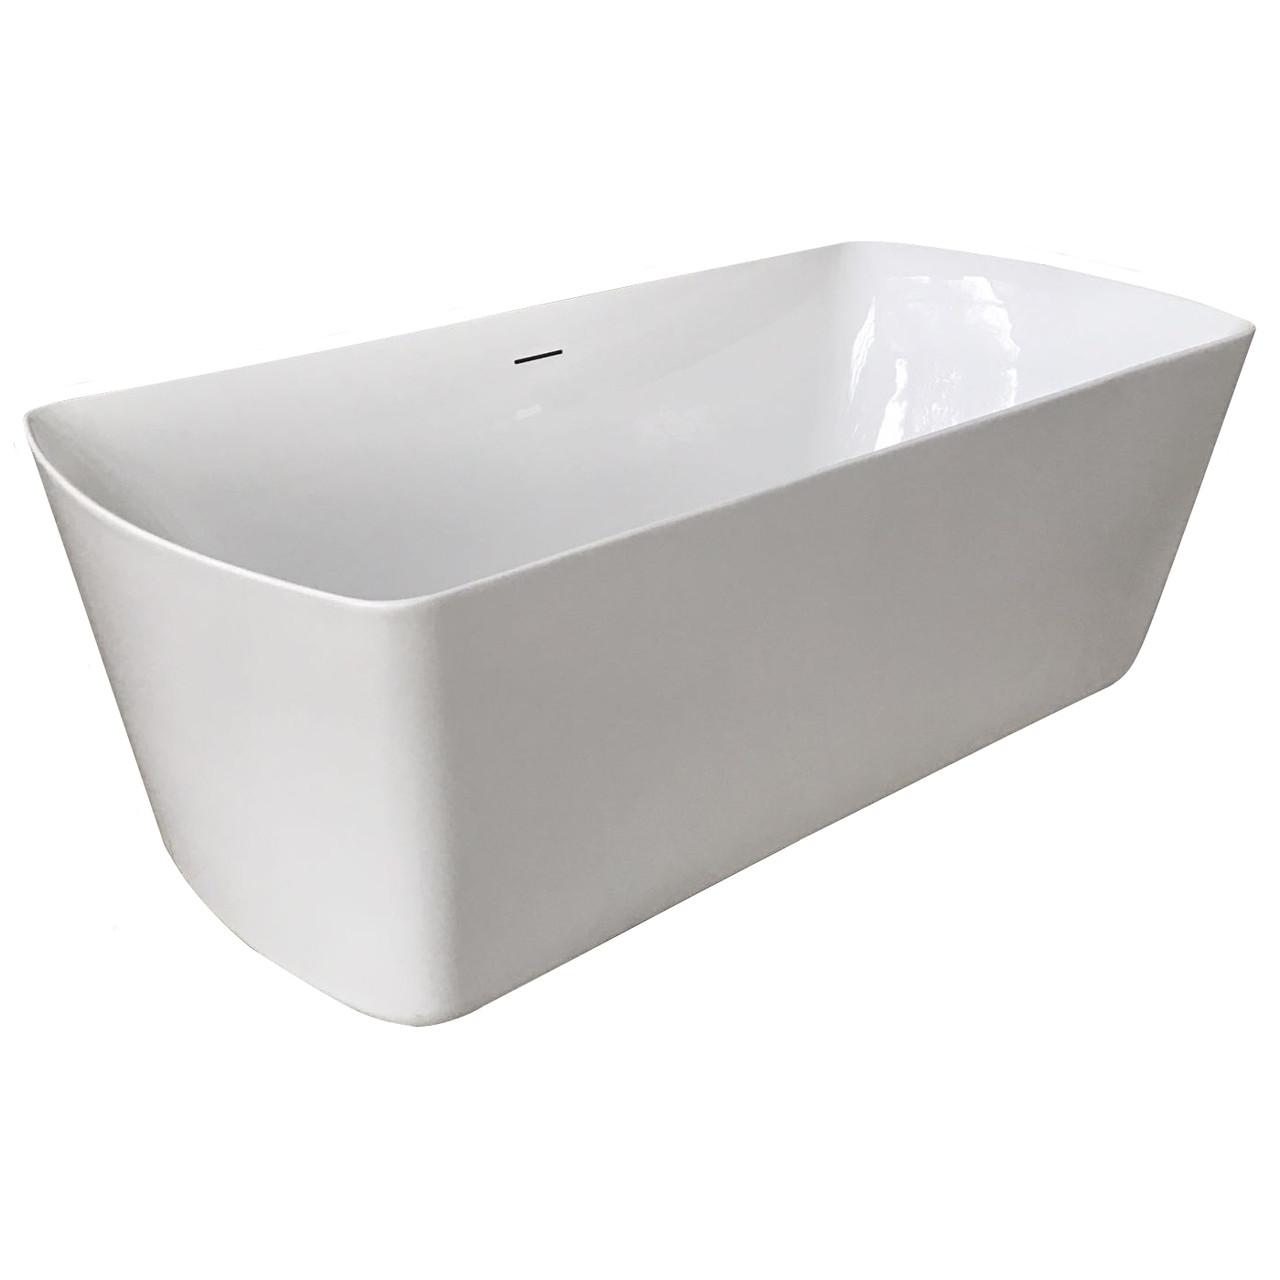 Ванна акриловая отдельностоящая Volle 180х85х61 с сифоном